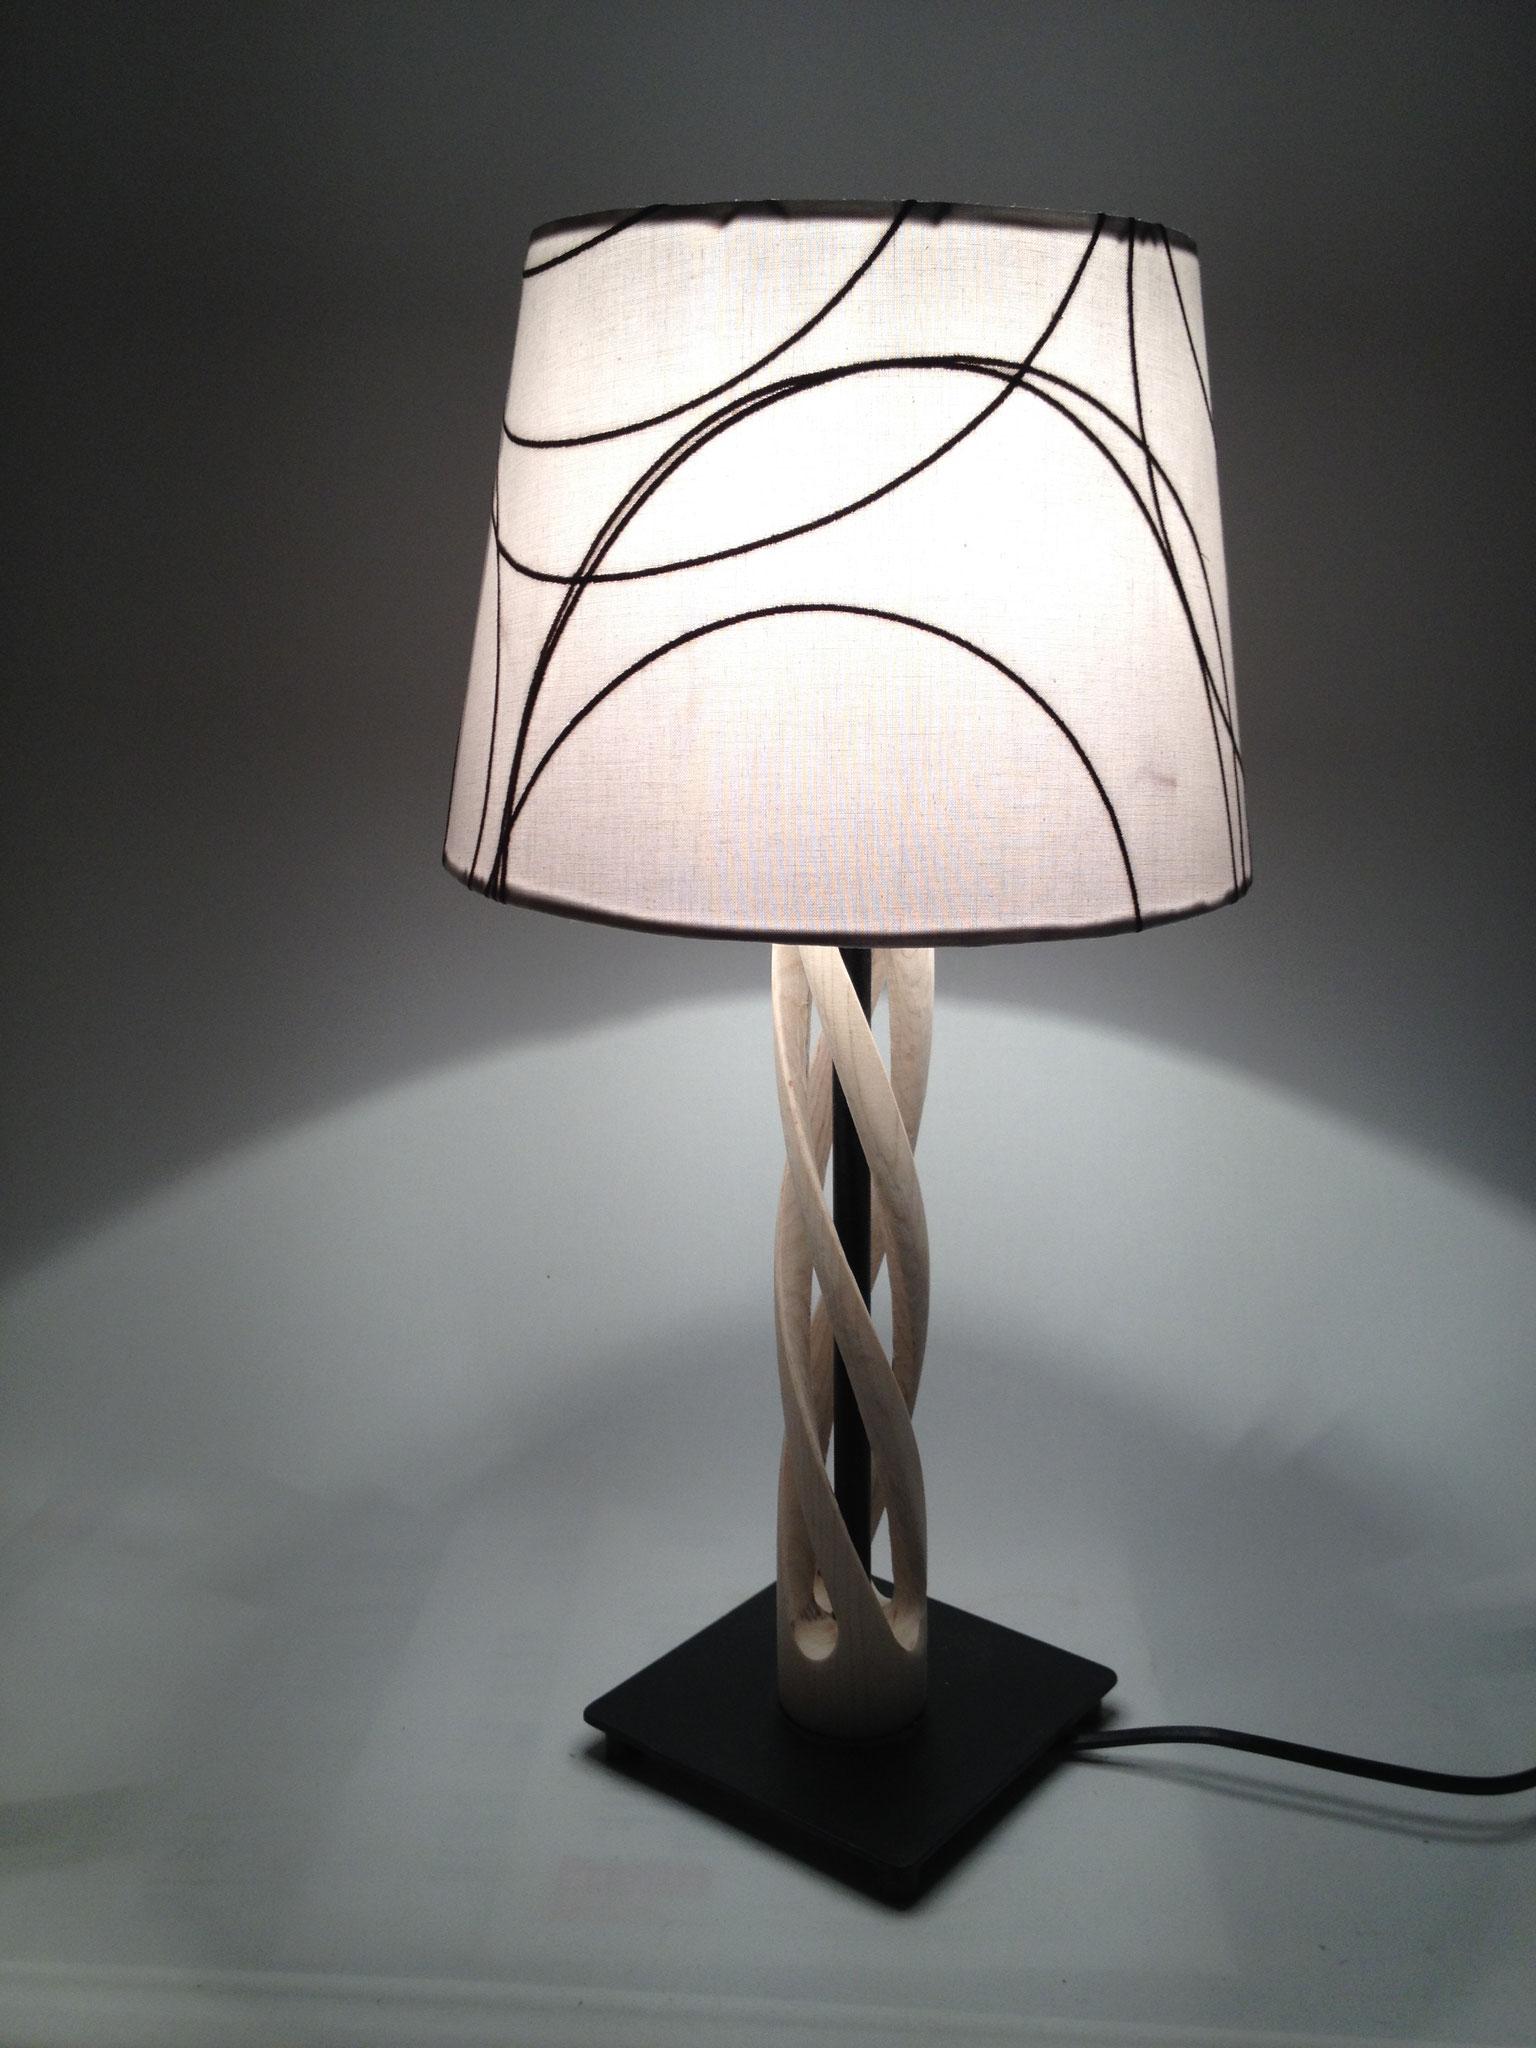 Stehlampe mit gewundenem Fuß 3